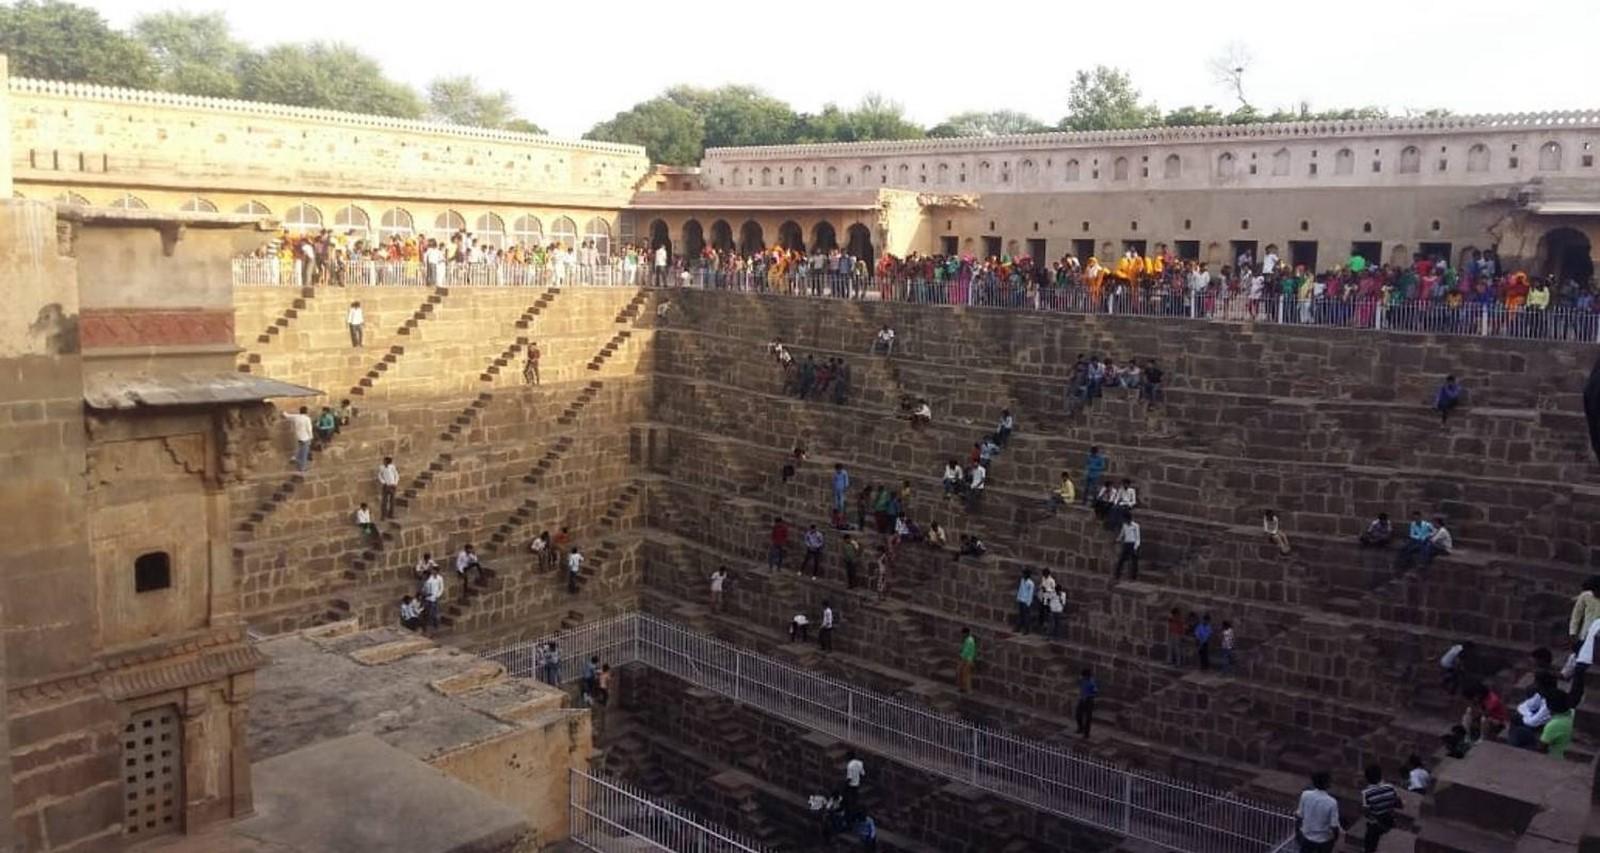 Chand Baori, Rajasthan - Sheet3